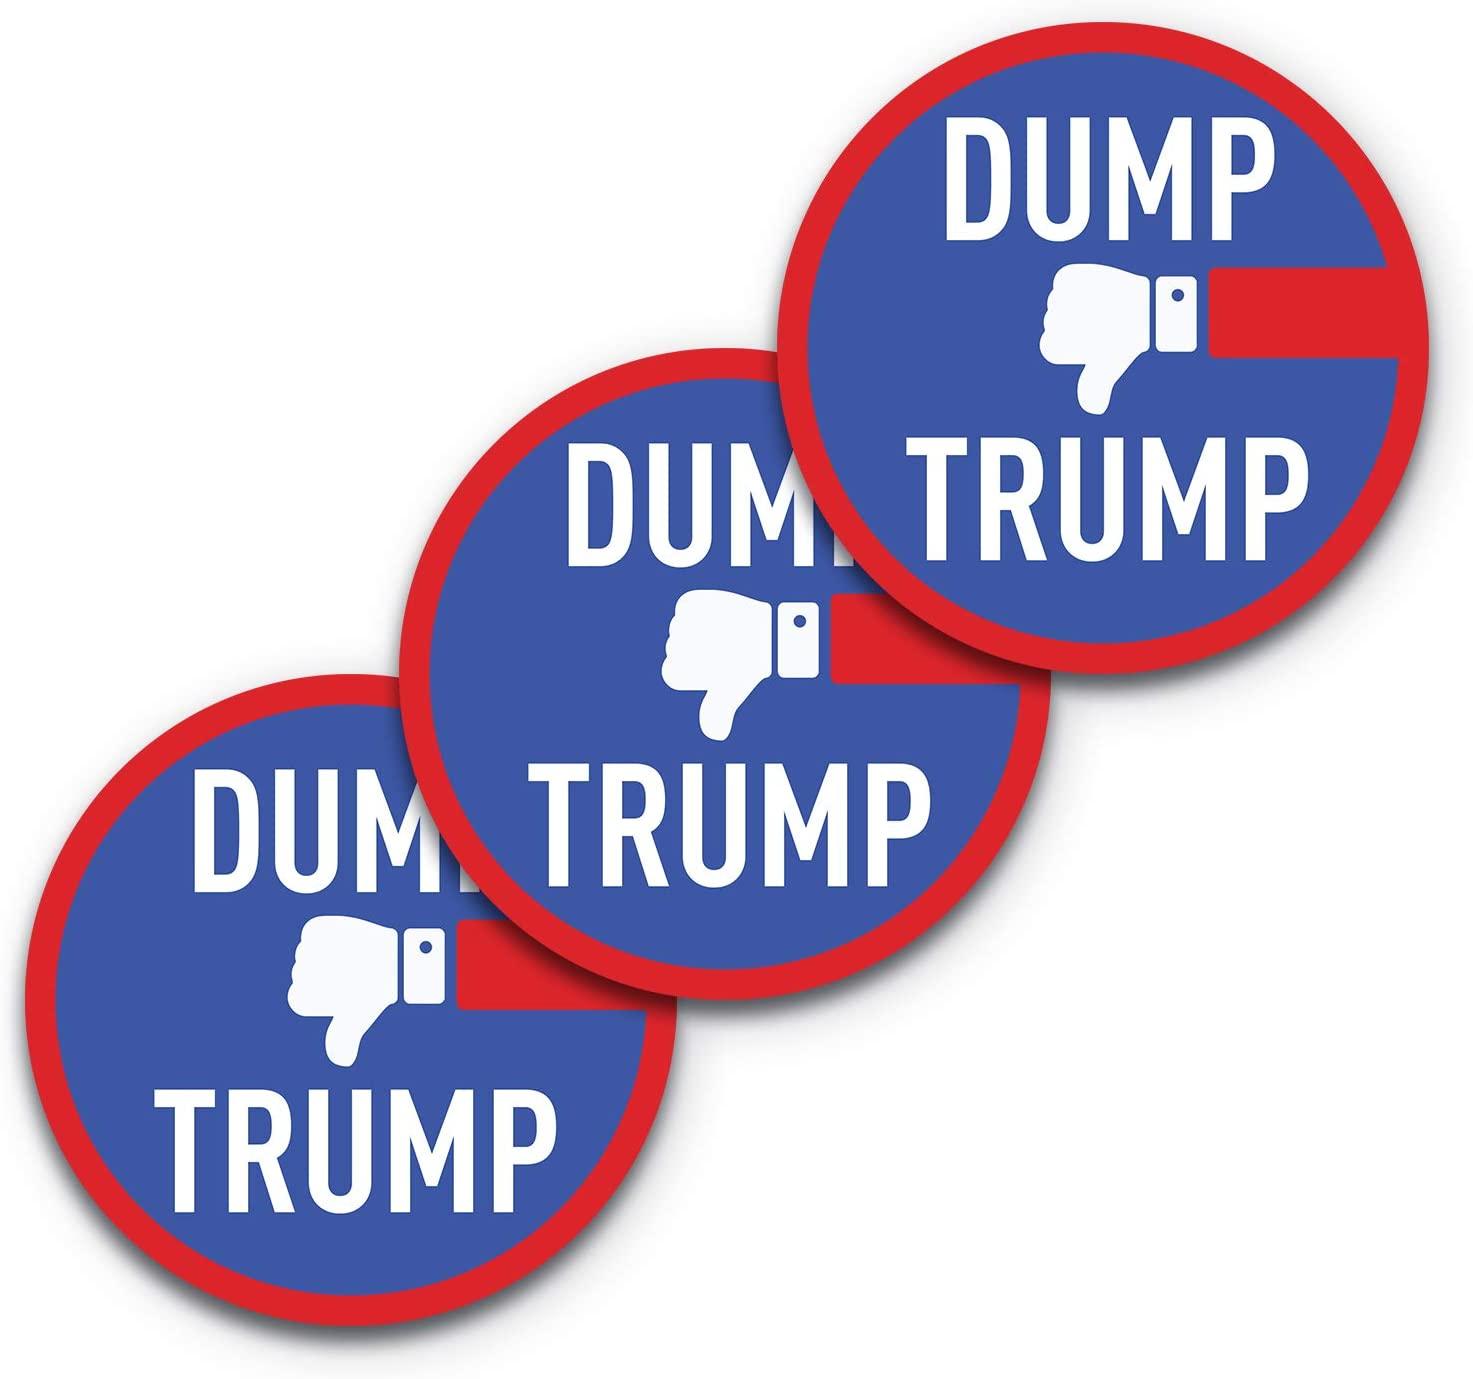 5x5 Dump Trump Sticker 3-Pack, Anti Trump Decal, 100% Waterproof, Anti Trump Window Decal, Sticker Trump